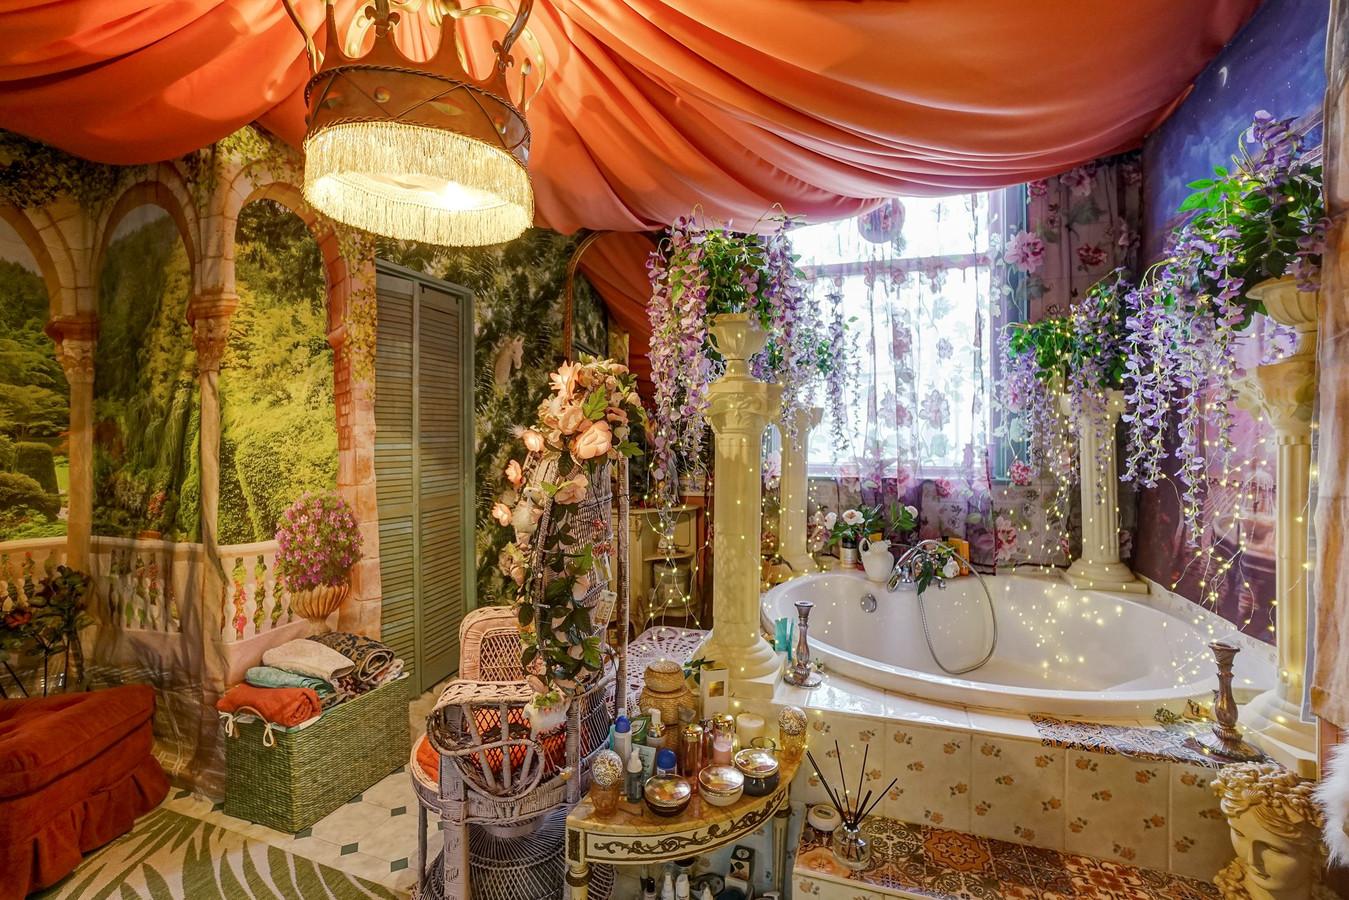 De badkamer van het opvallende huis